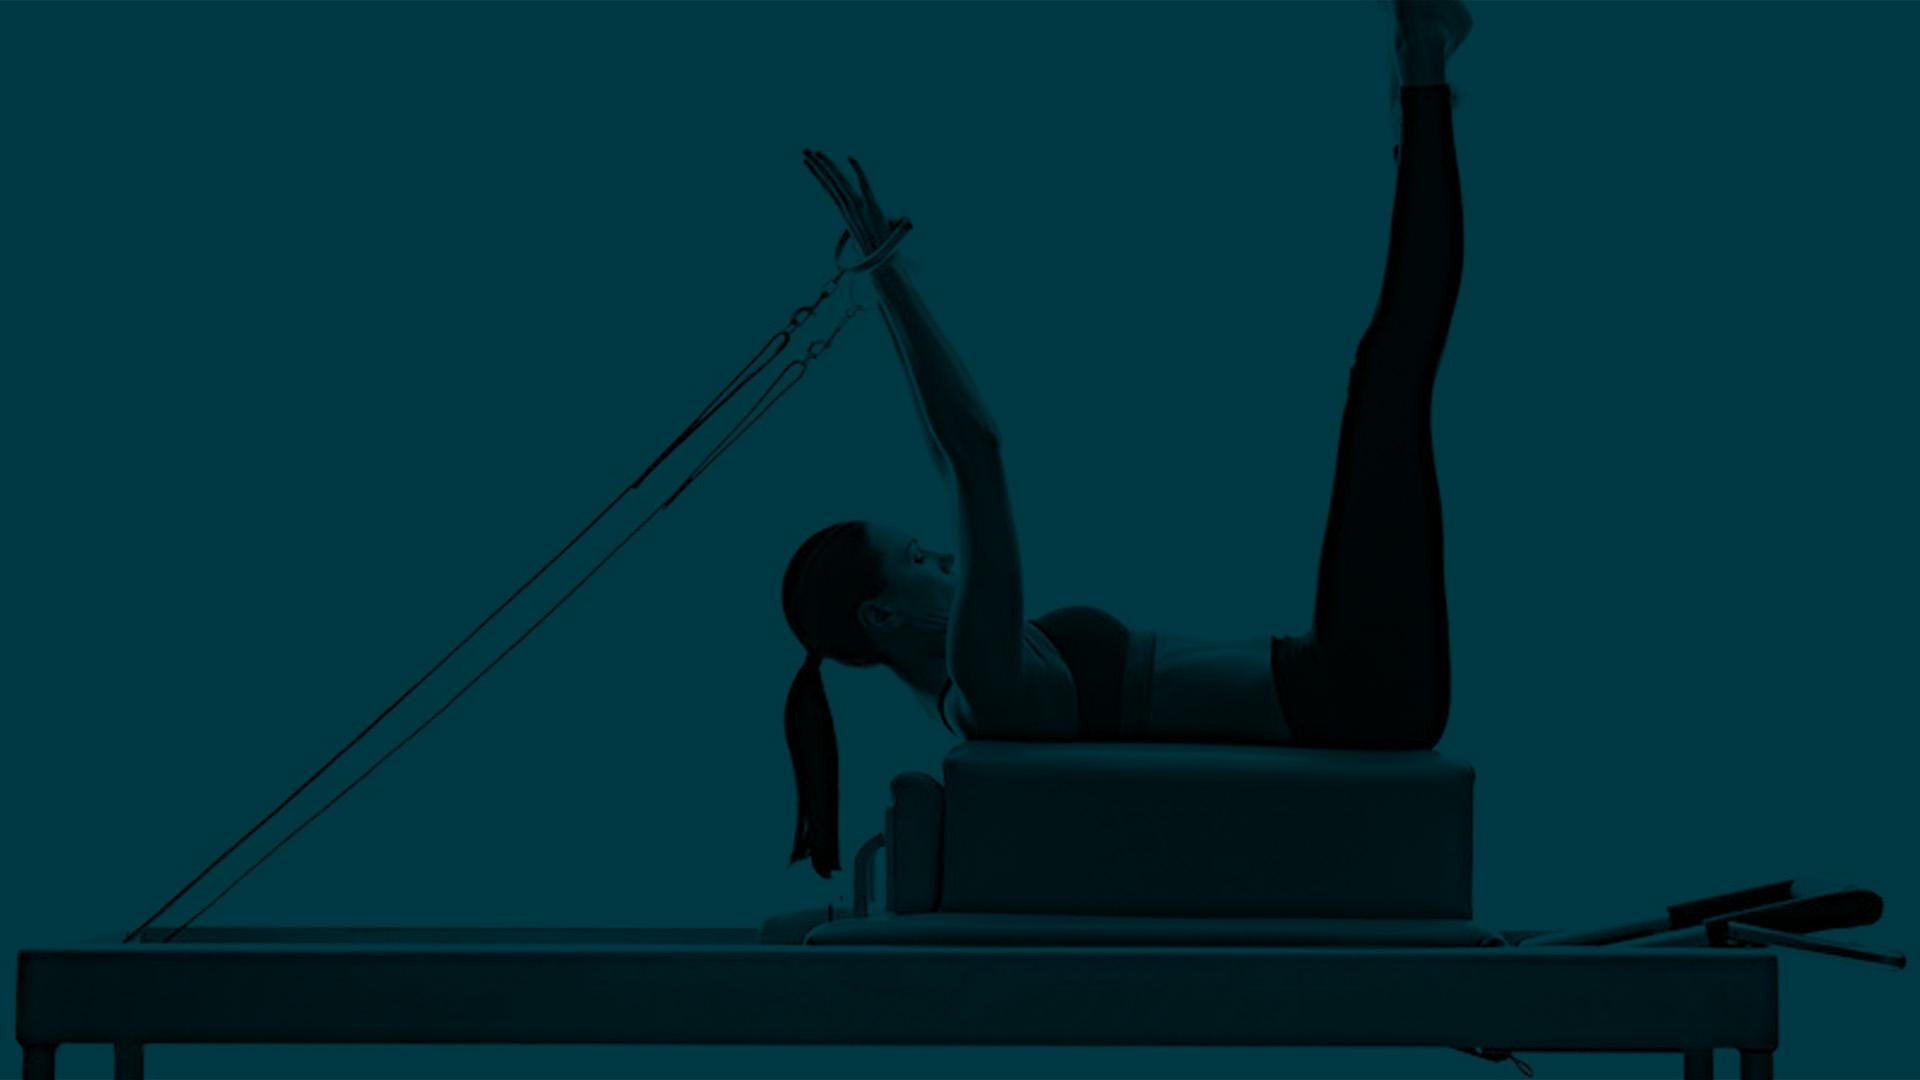 Δείτε το επερχόμενο σεμινάριο: MP Pilates Reformer Trainer Course®